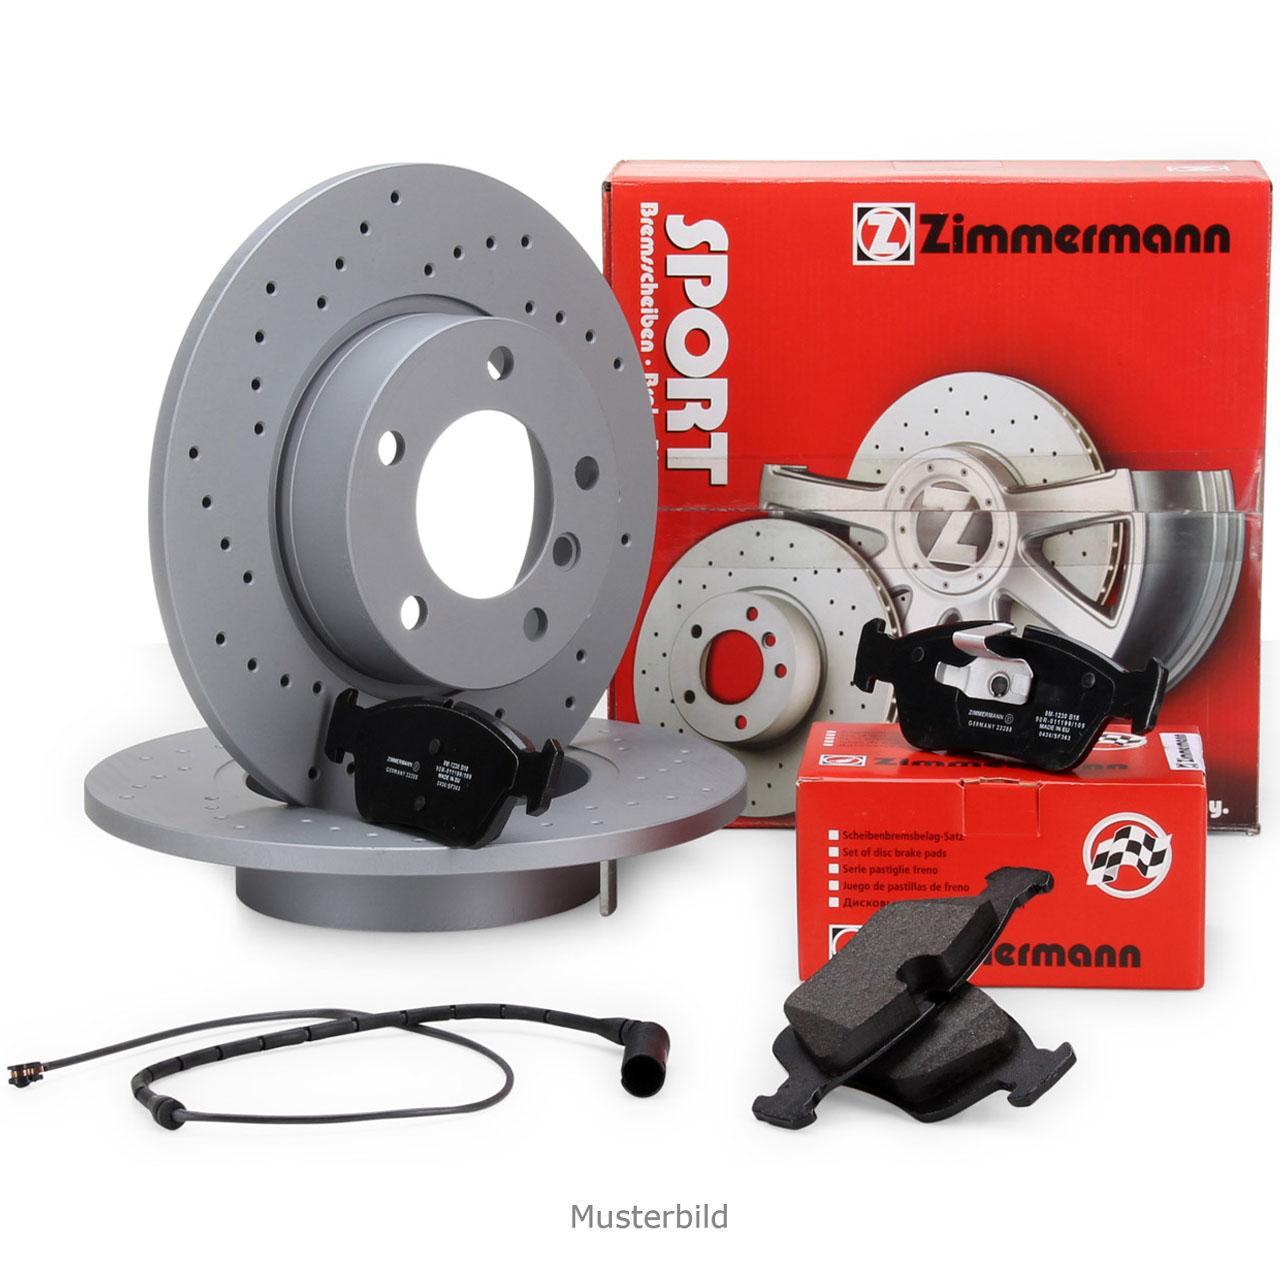 Zimmermann SPORT Bremsscheiben + Bremsbeläge + Wako für MERCEDES 190 W201 vorne